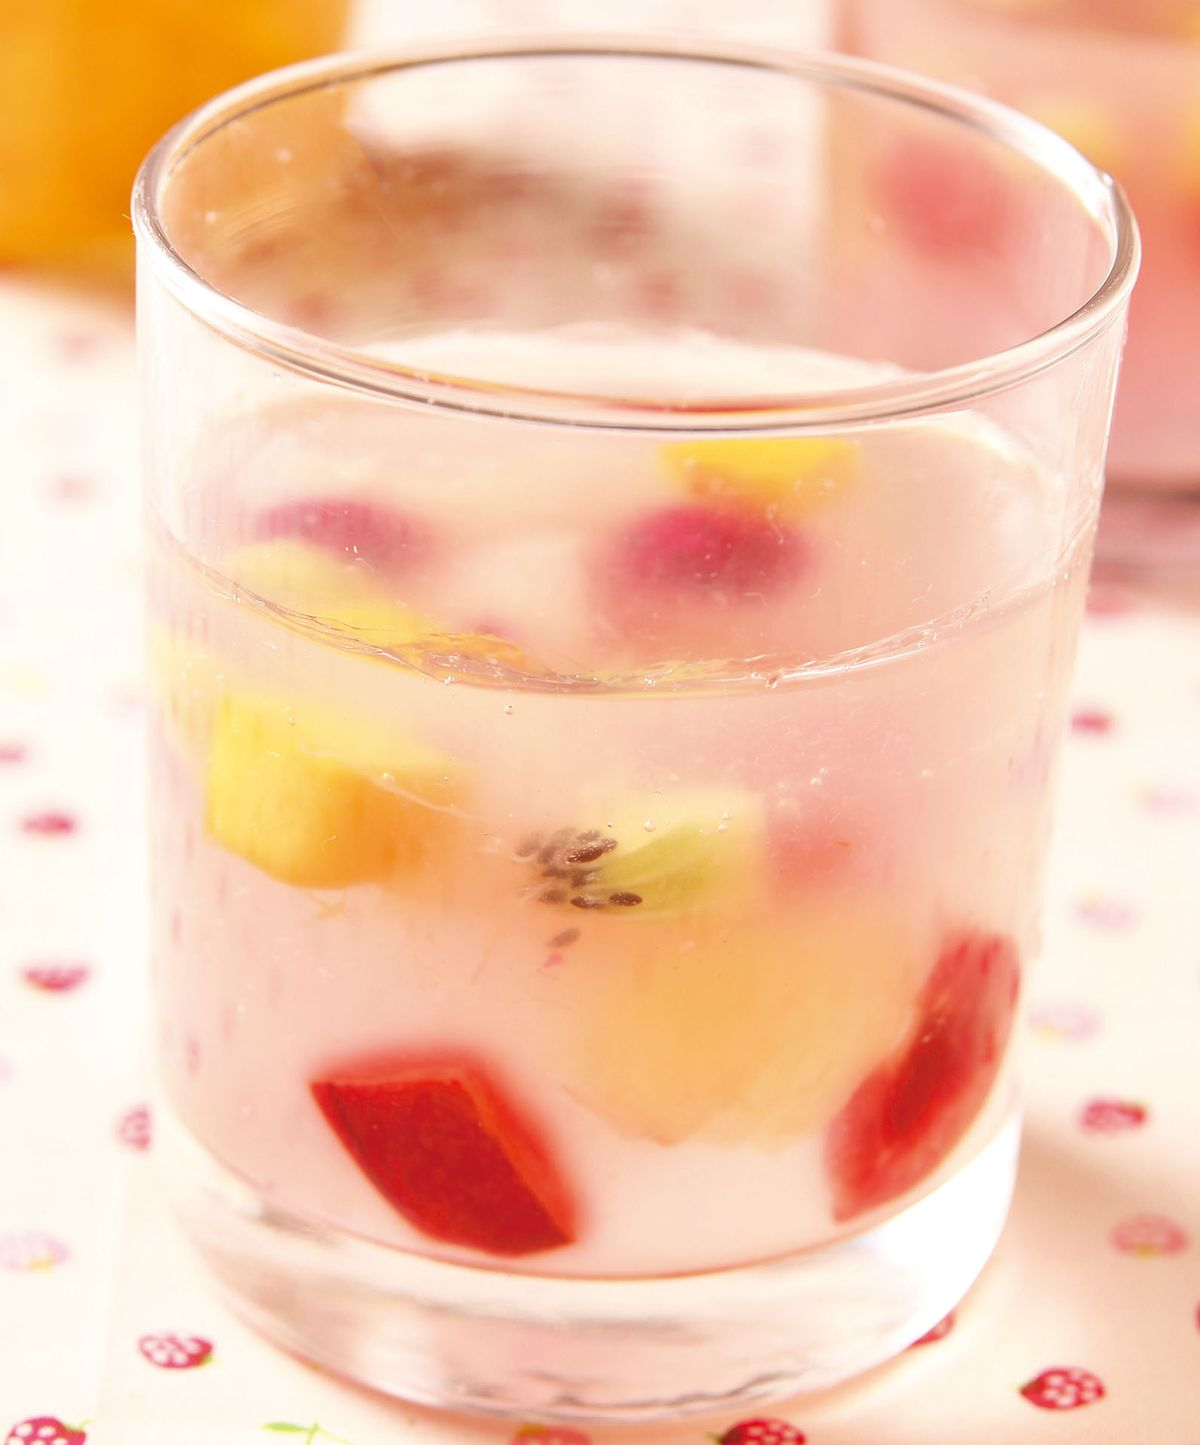 食譜:檸檬水果凍